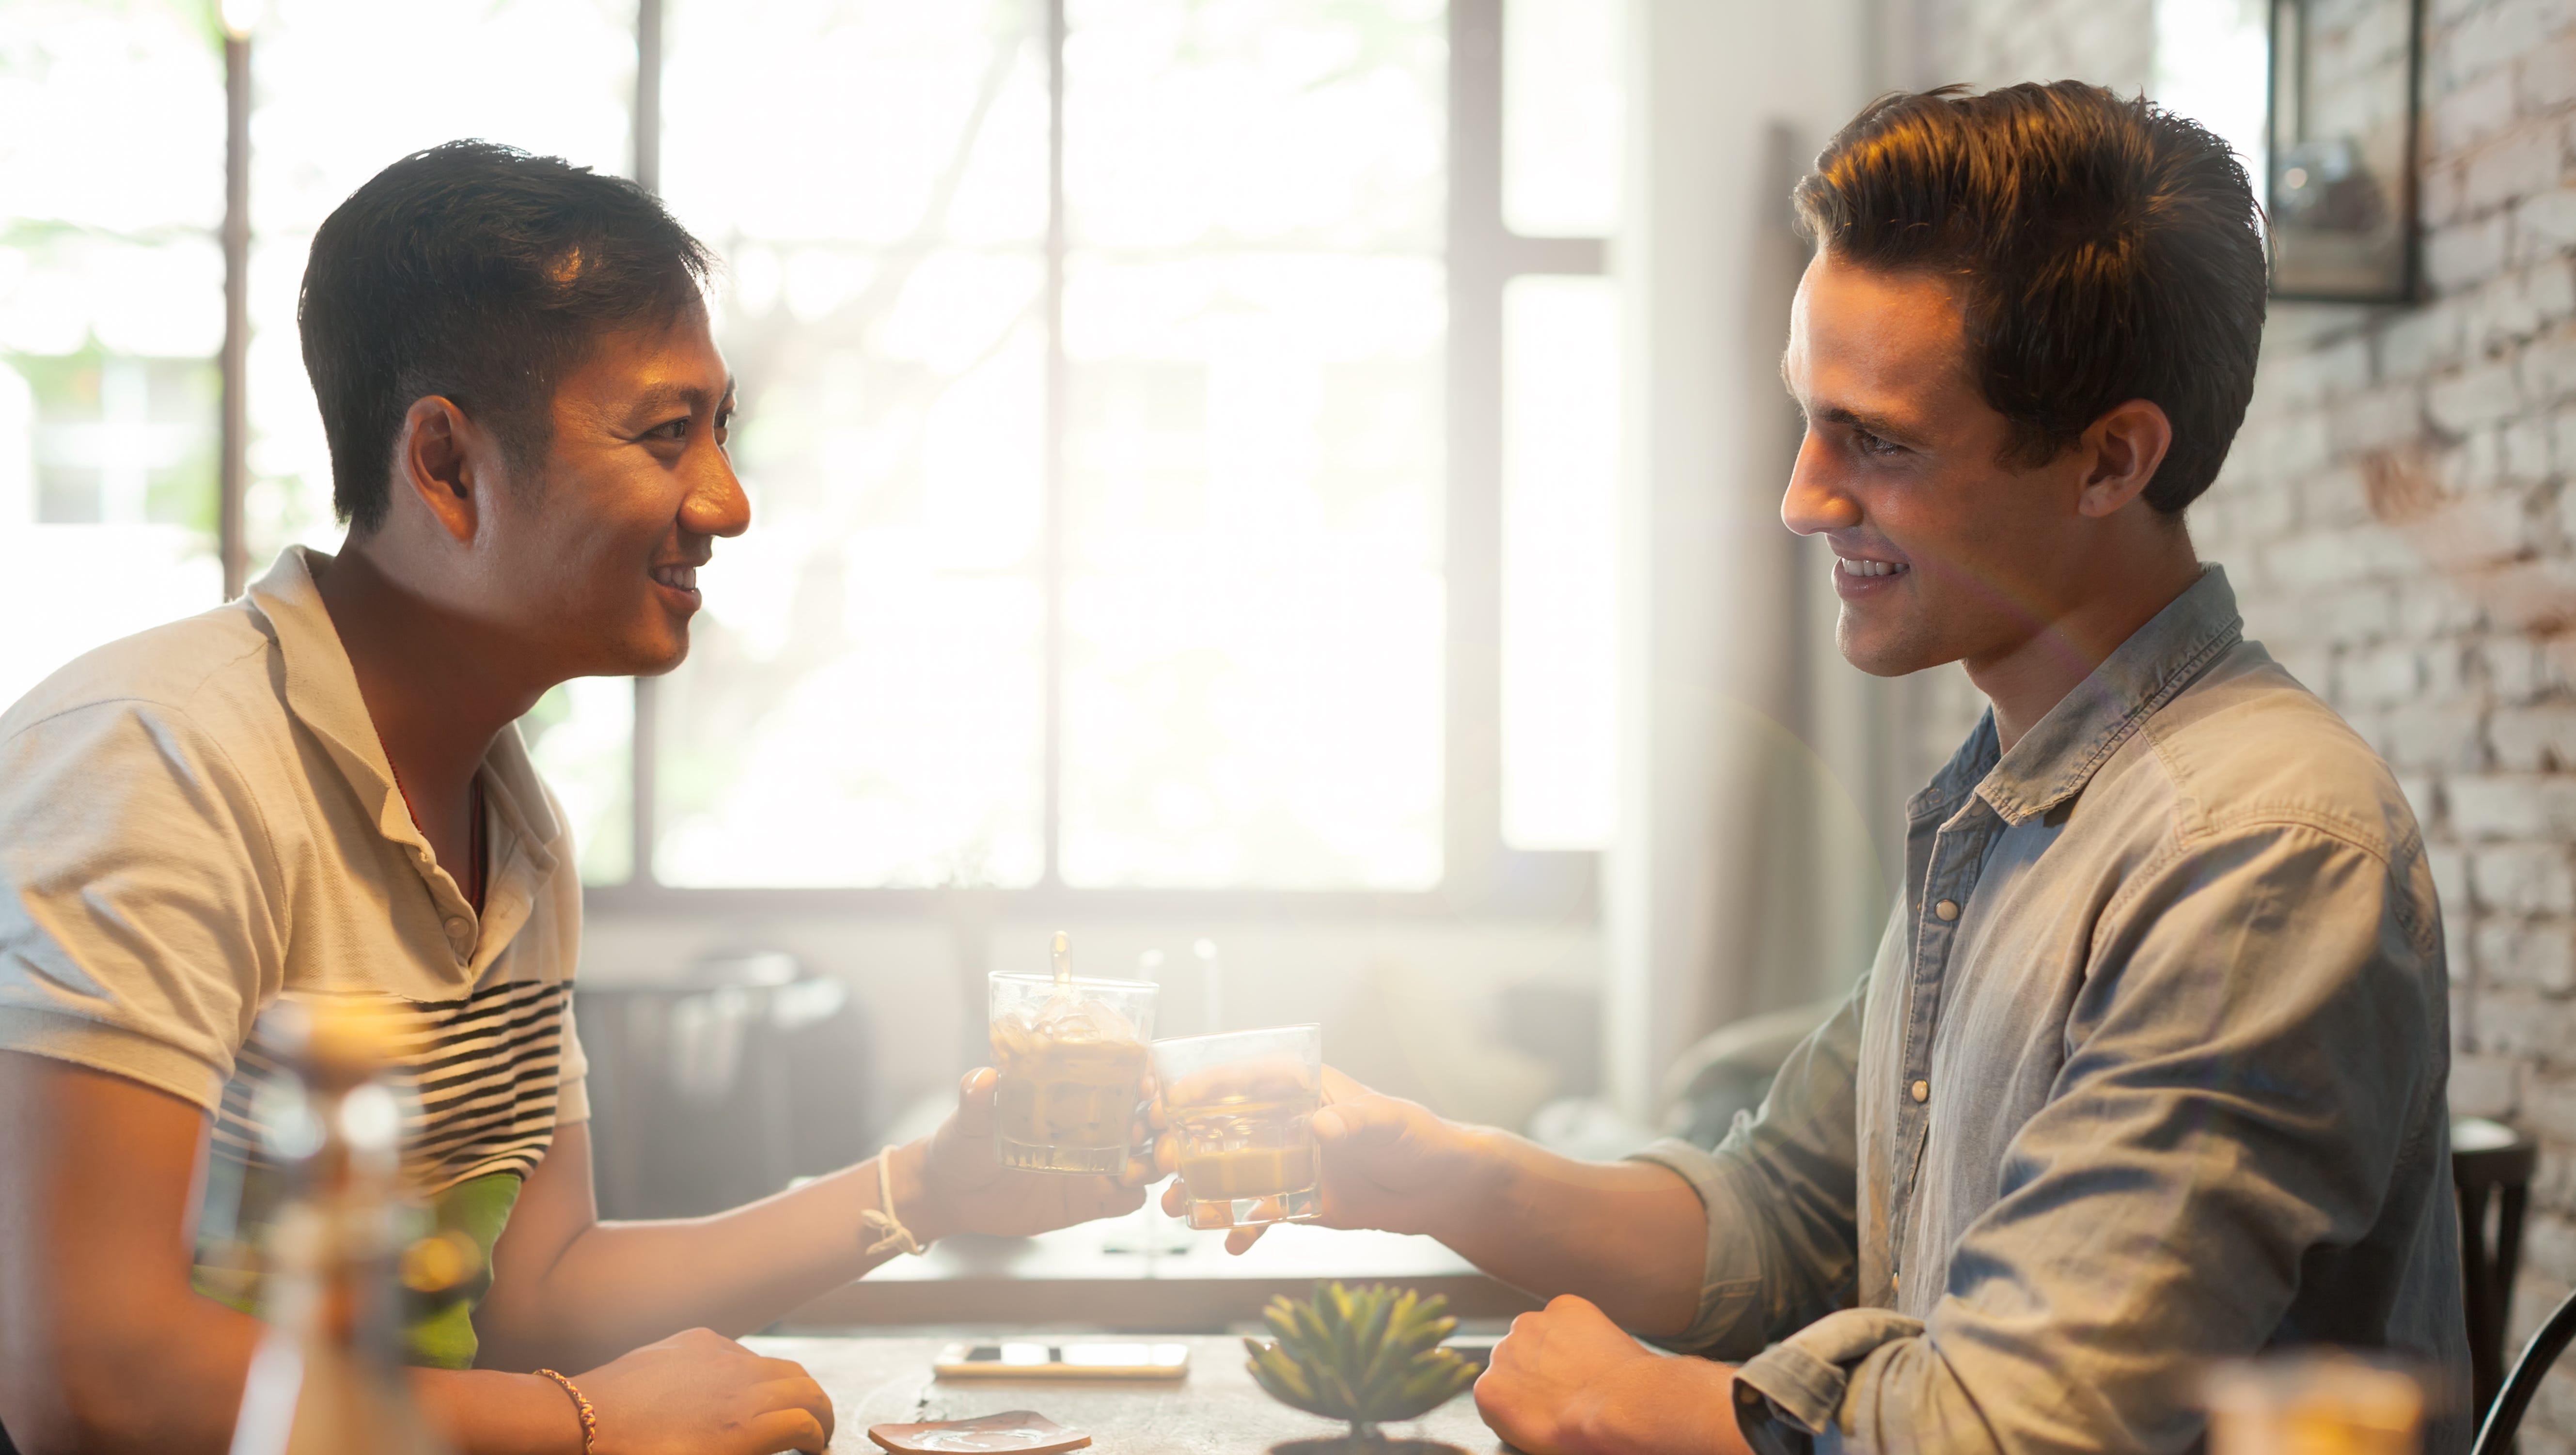 matchmaking Monterrey Gratis døv datingside i USA